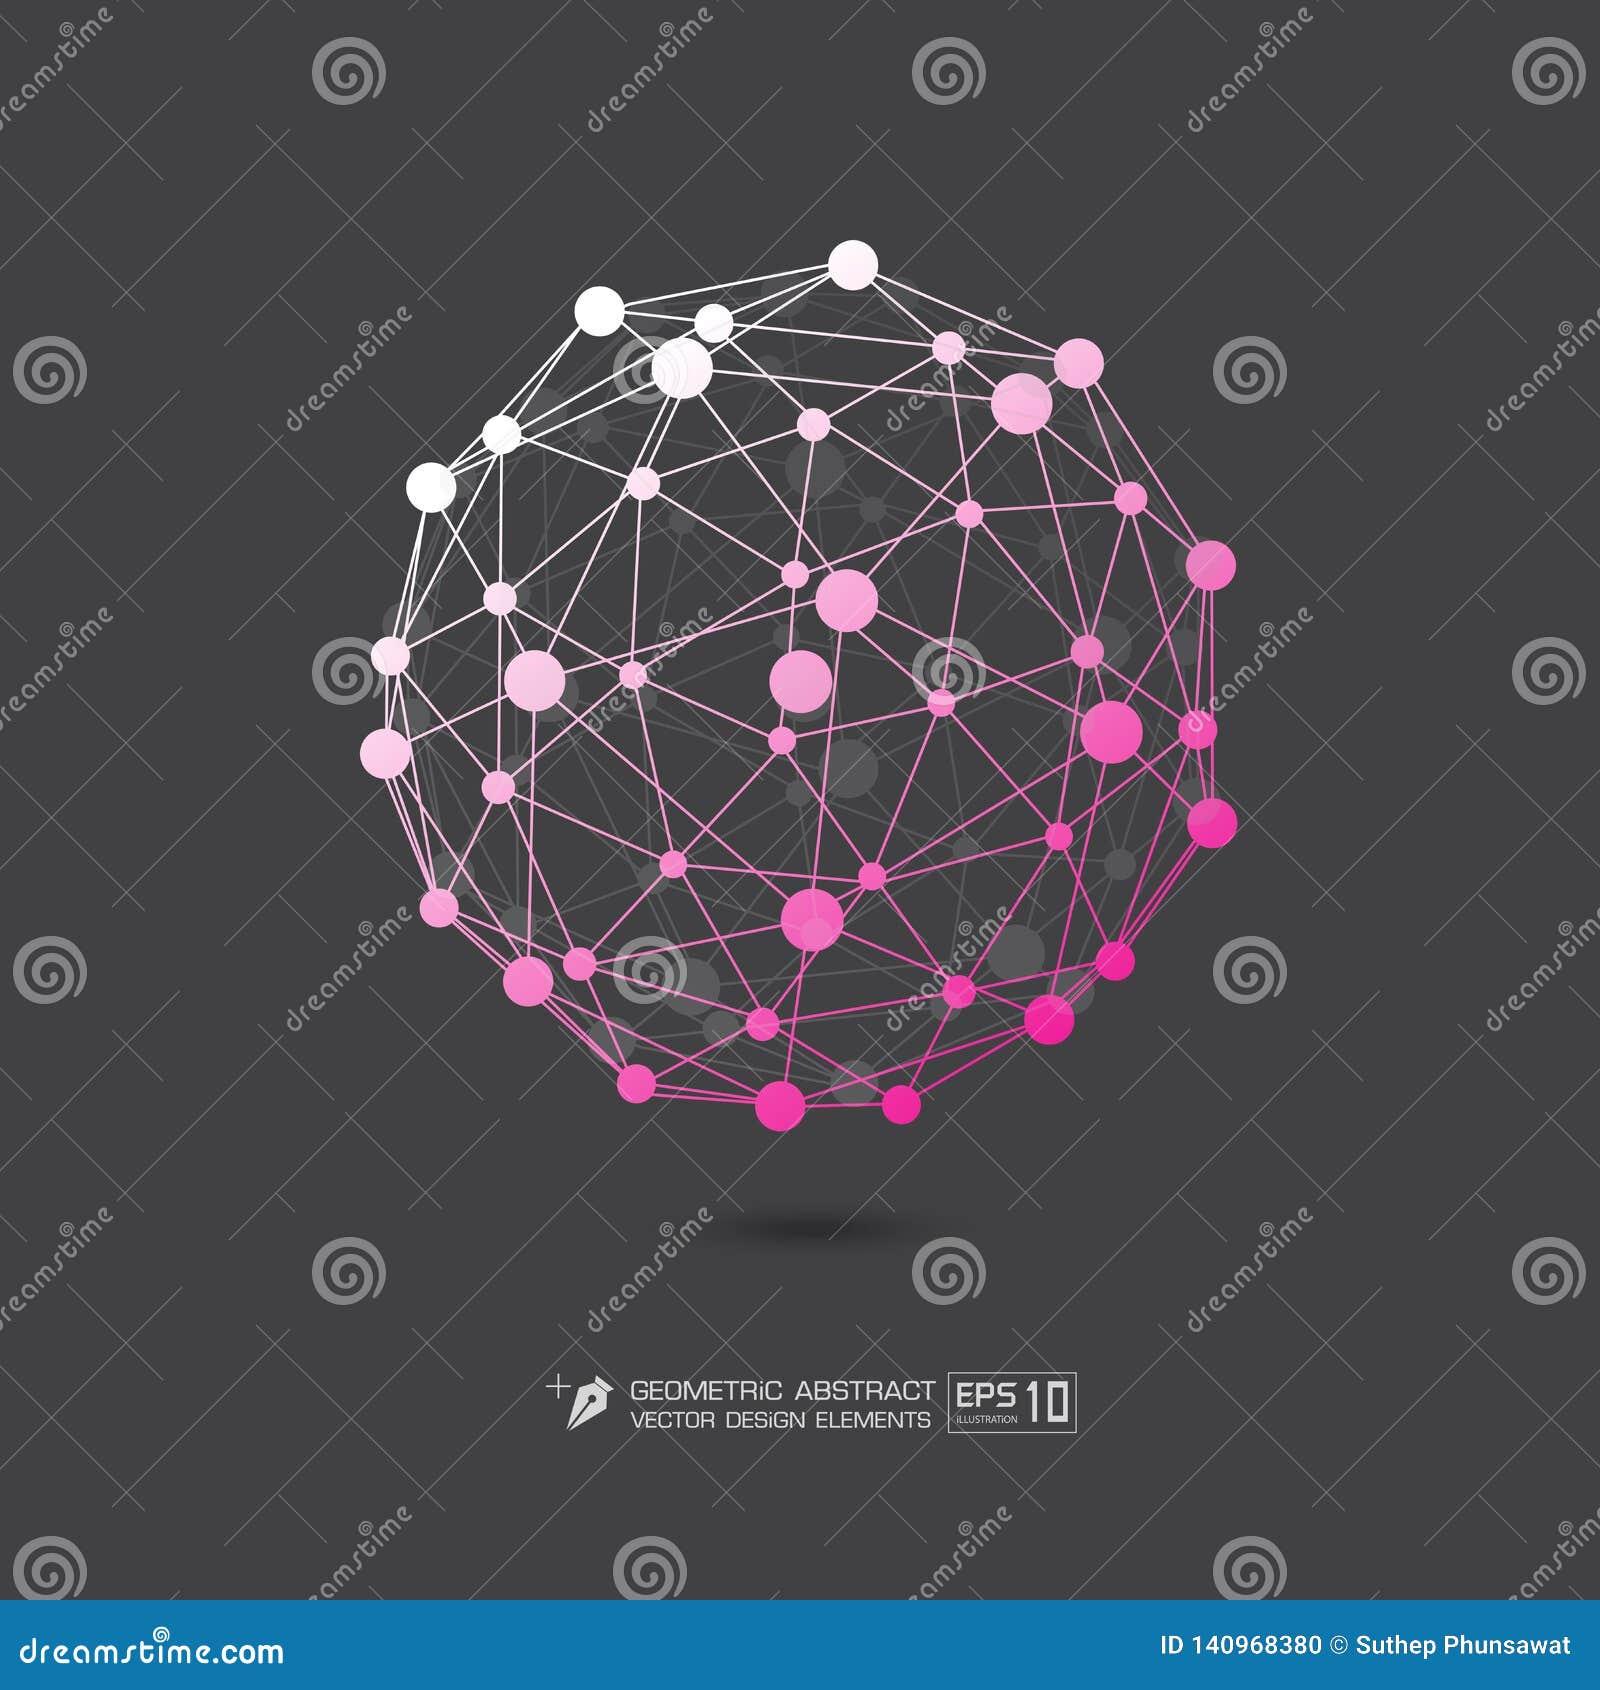 Ρόδινο χρώμα δομών μορίων στην γκρίζα απεικόνιση σχήματος υποβάθρου διανυσματική EPS10